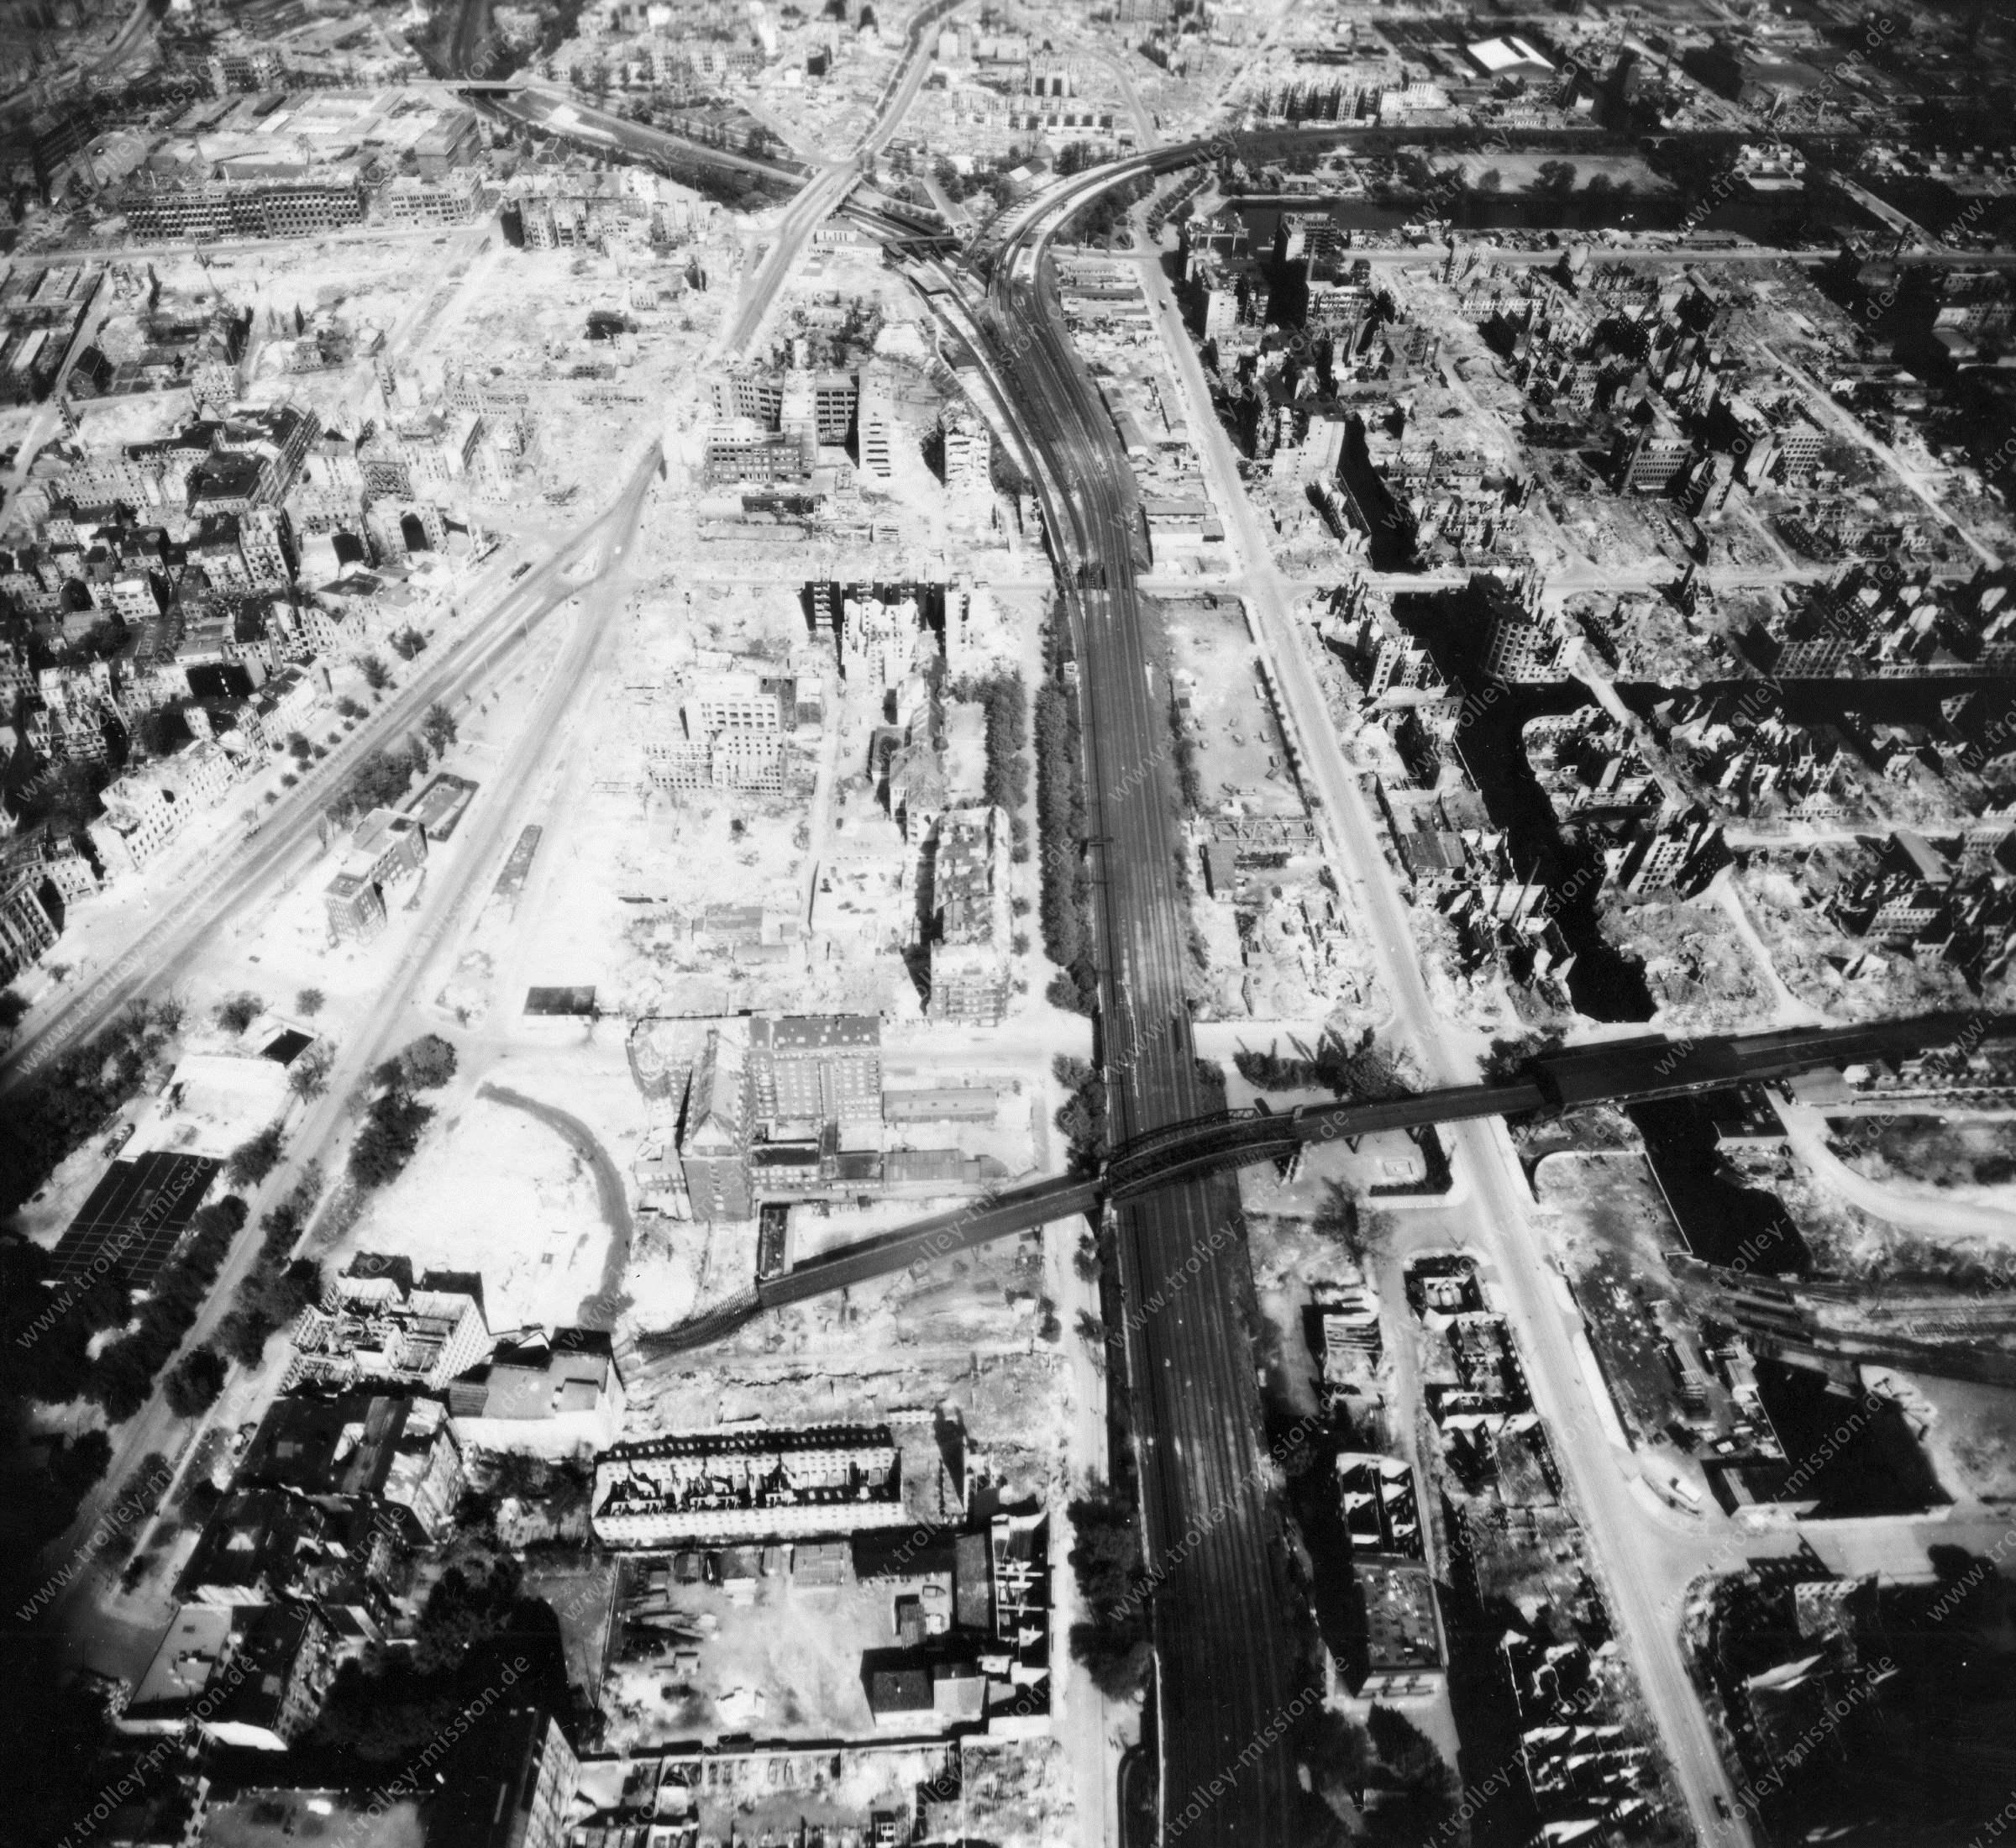 Luftbild von Hamburg und Hafen am 12. Mai 1945 - Luftbildserie 16/19 der US Air Force